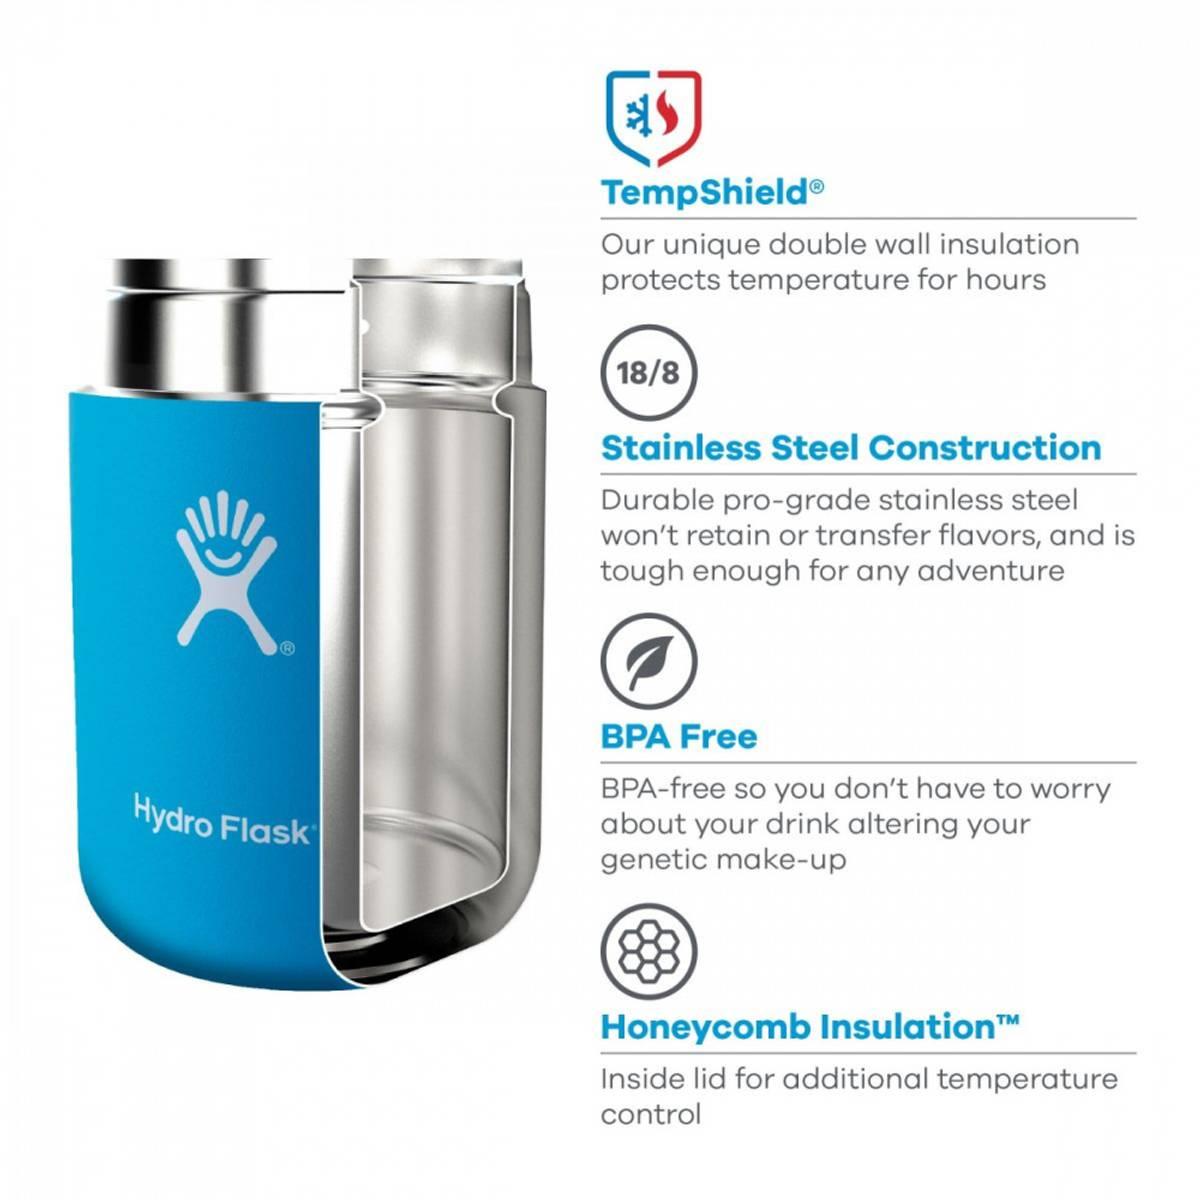 Mattermos 355 ml, Chili / Hydro Flask